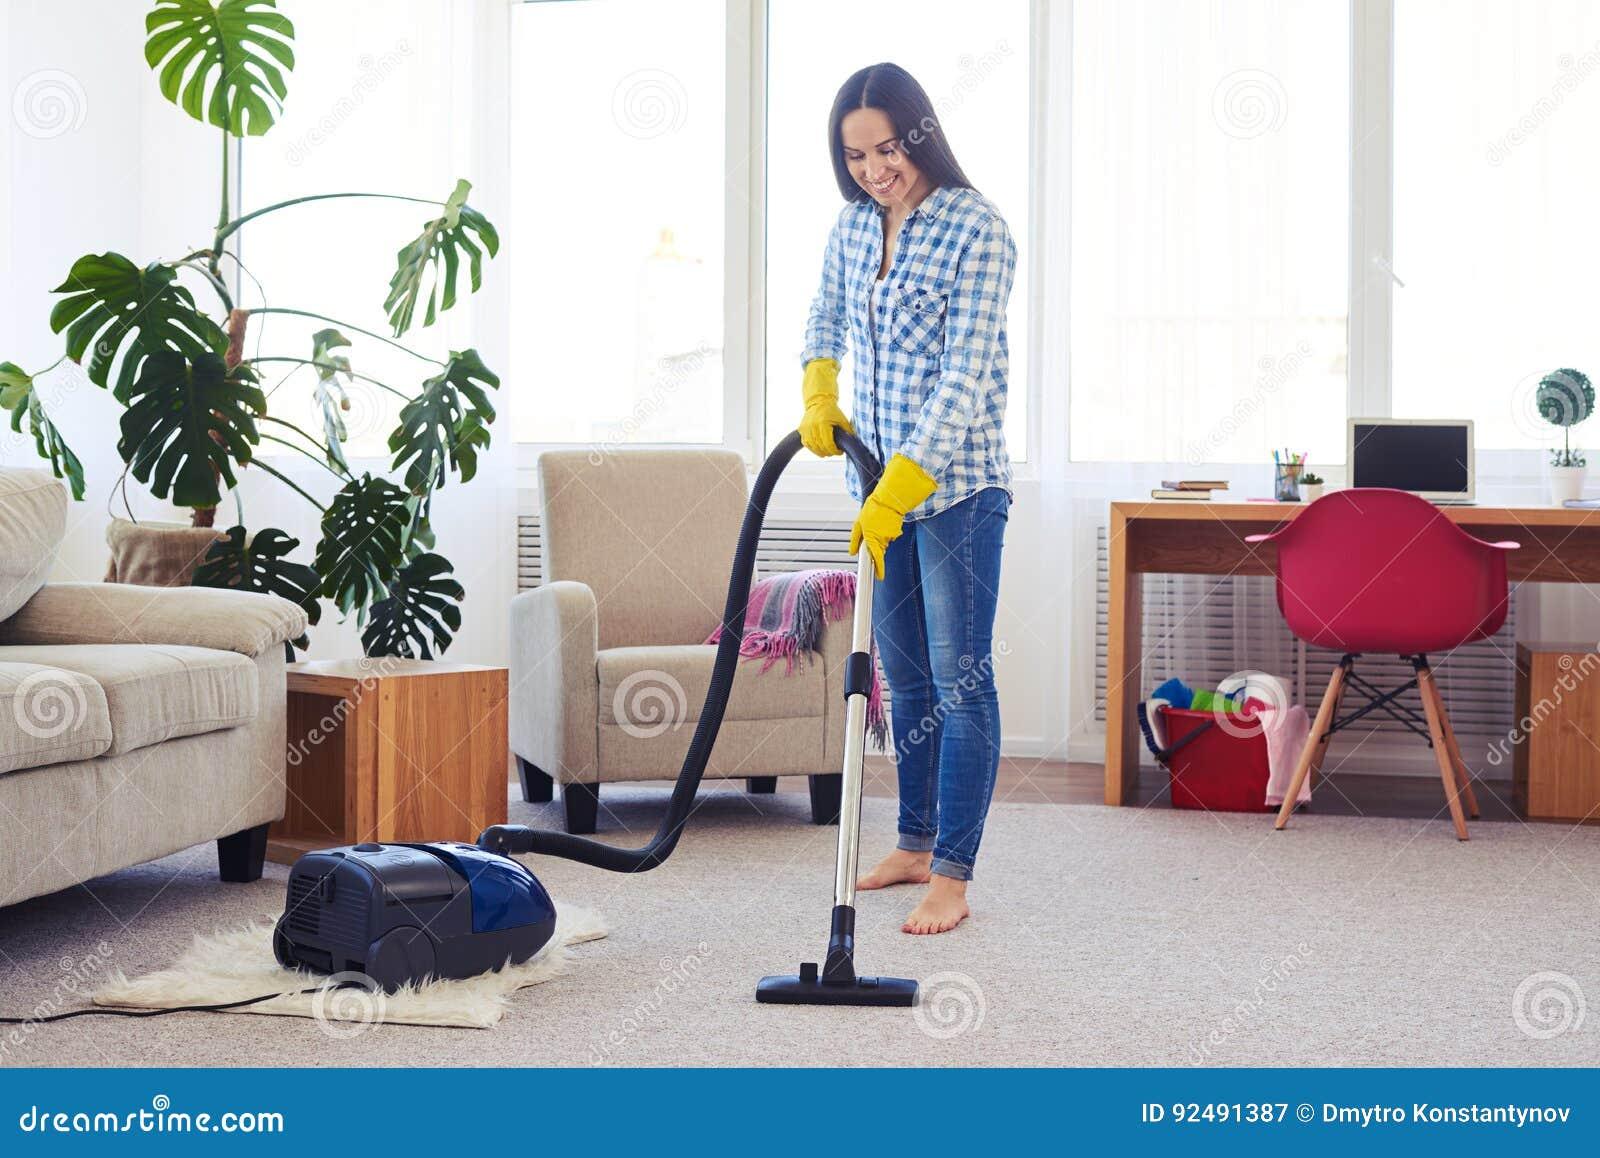 Limpieza encantadora del ama de casa con la alfombra del aspirador imagen de archivo imagen de - Limpieza de alfombras en casa ...